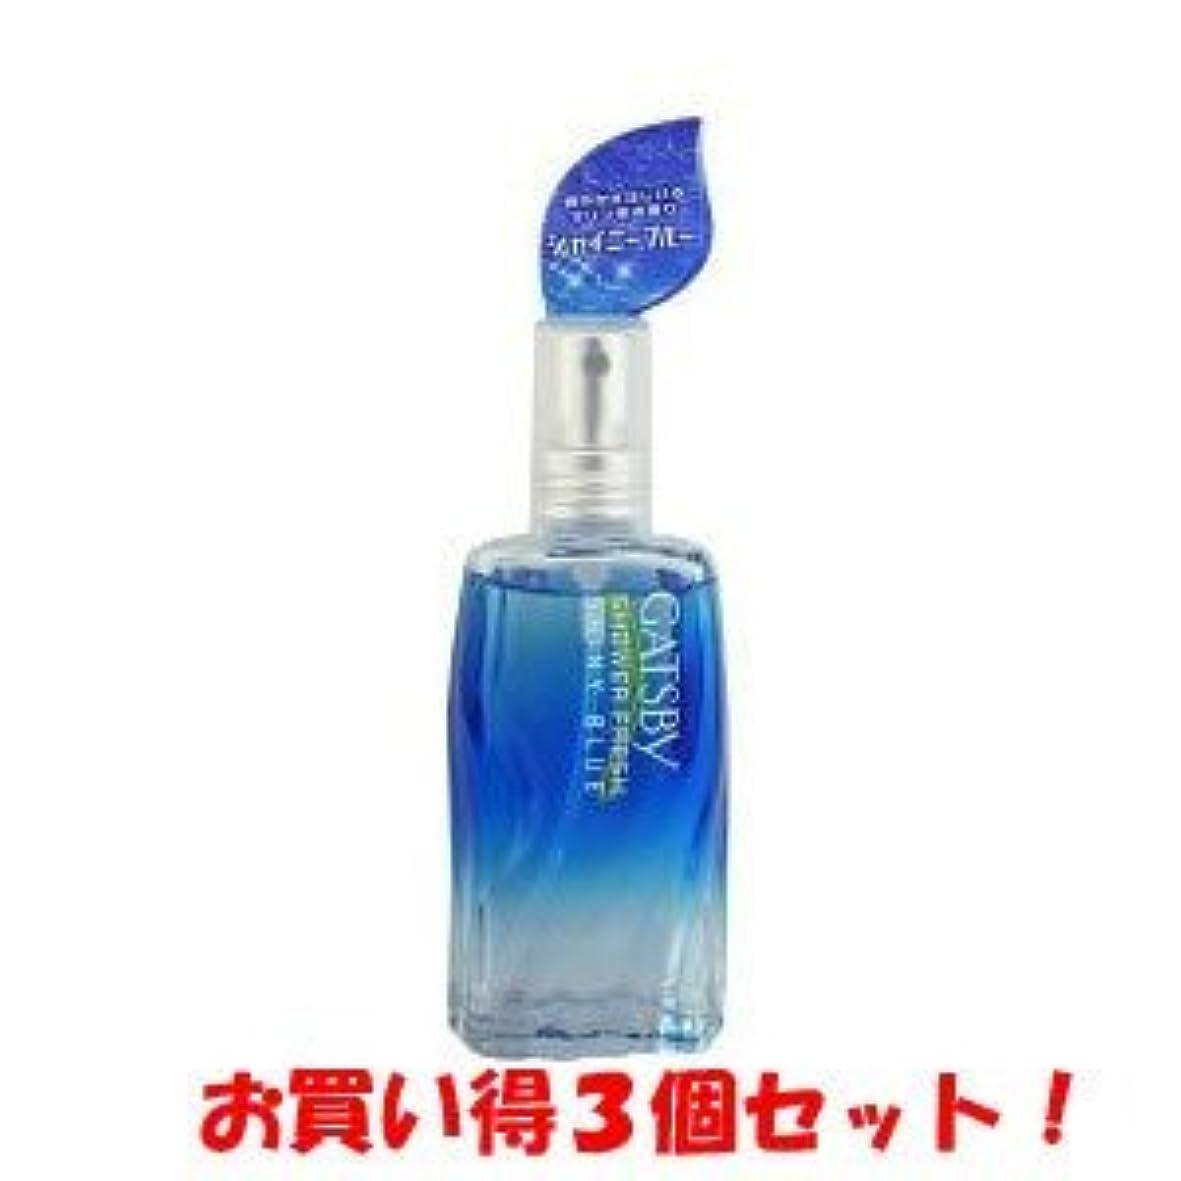 制限された医薬夫婦ギャツビー【GATSBY】シャワーフレッシュ シャイニーブルー 60ml(お買い得3個セット)